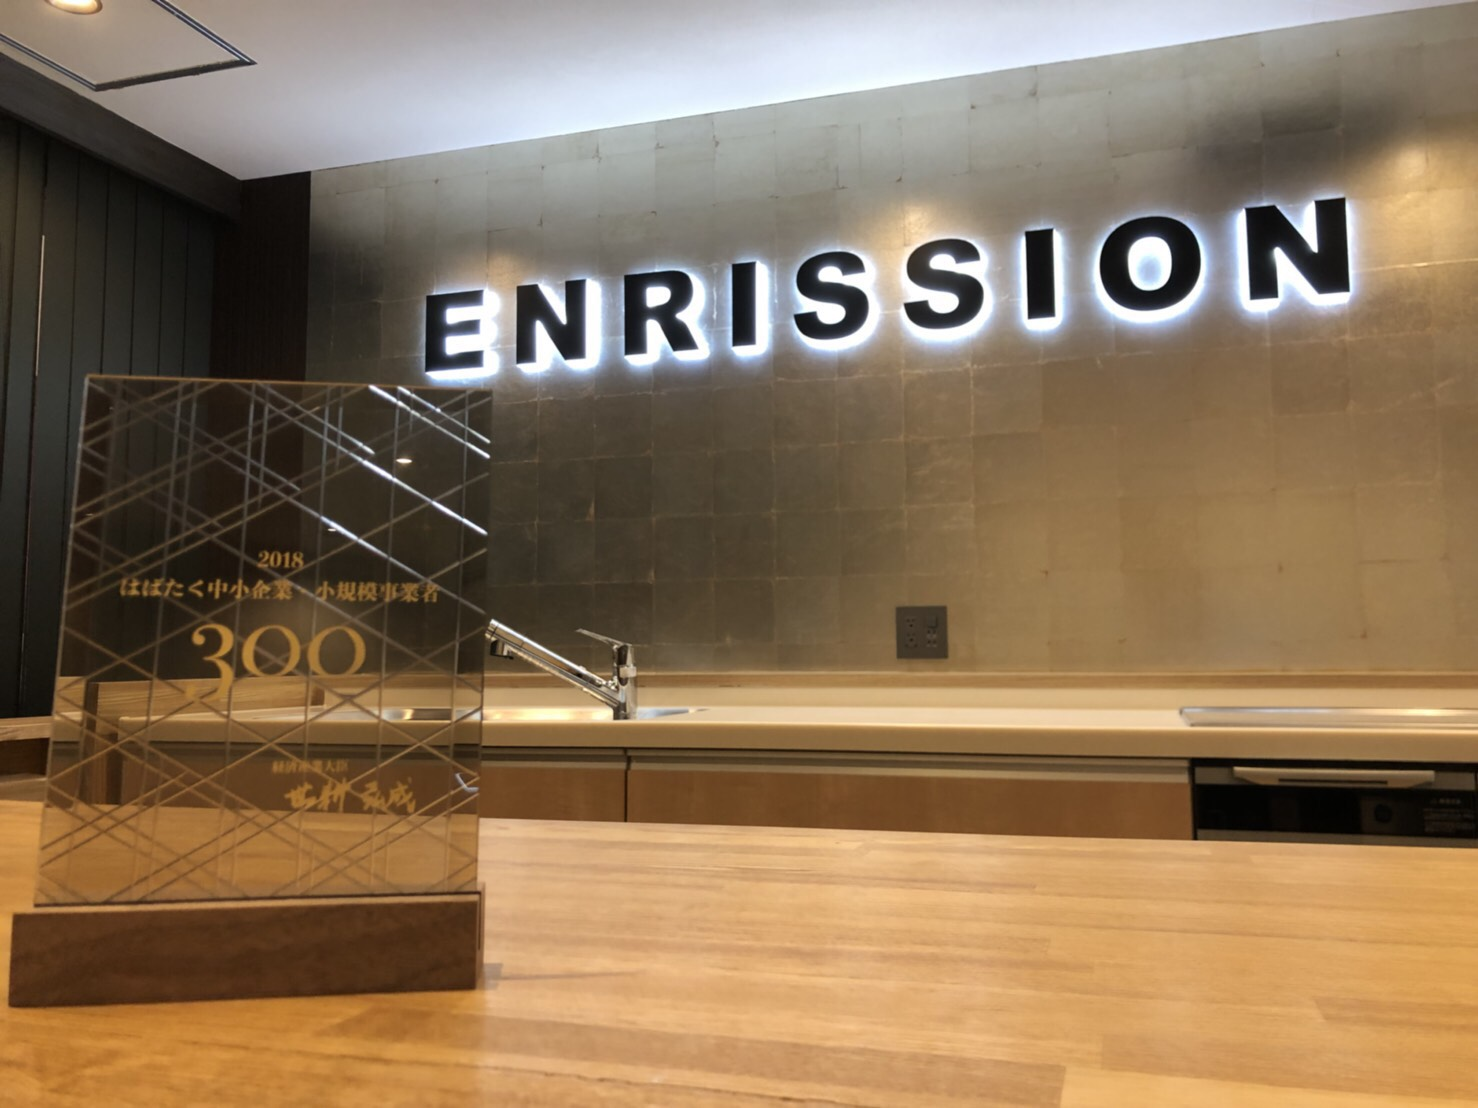 エンリッションが経産省に表彰されました!